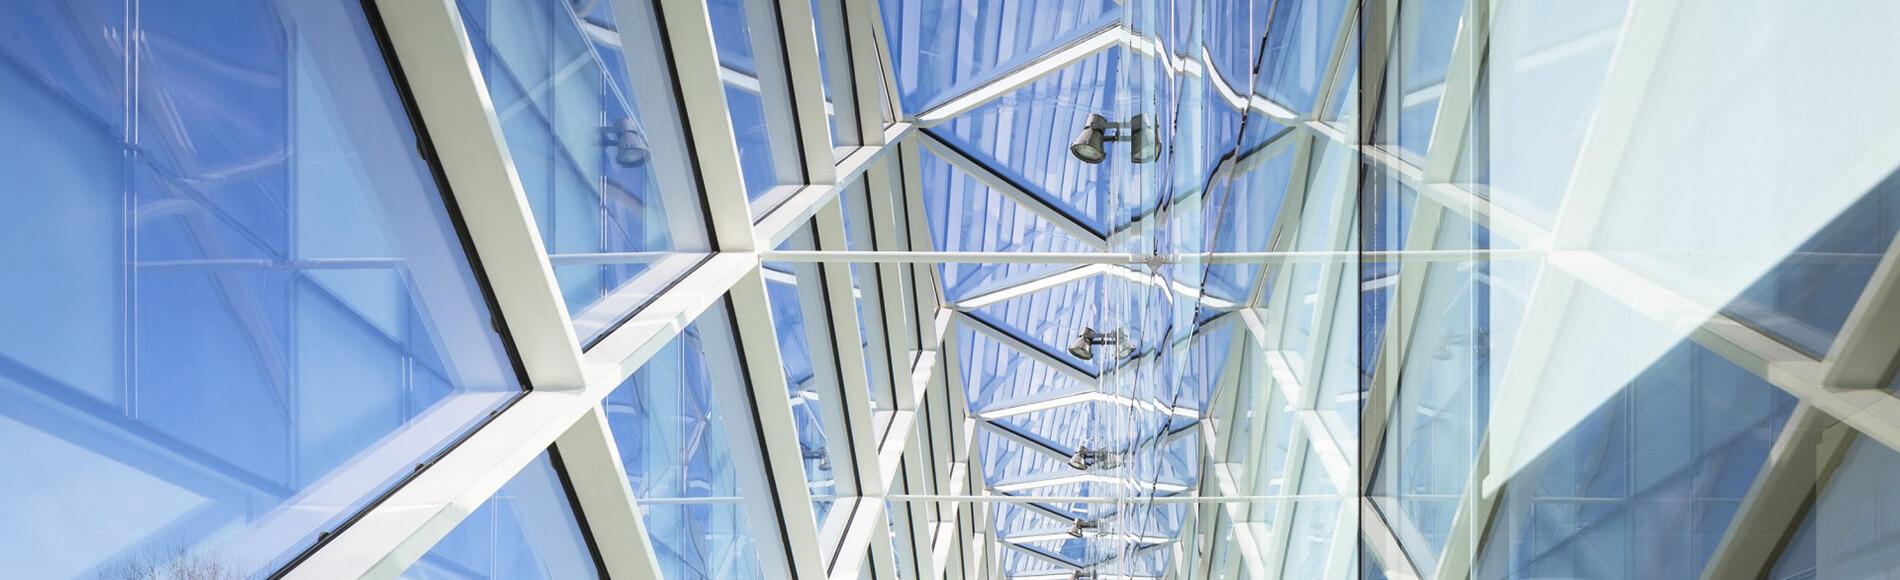 Vue sur structure vitrée